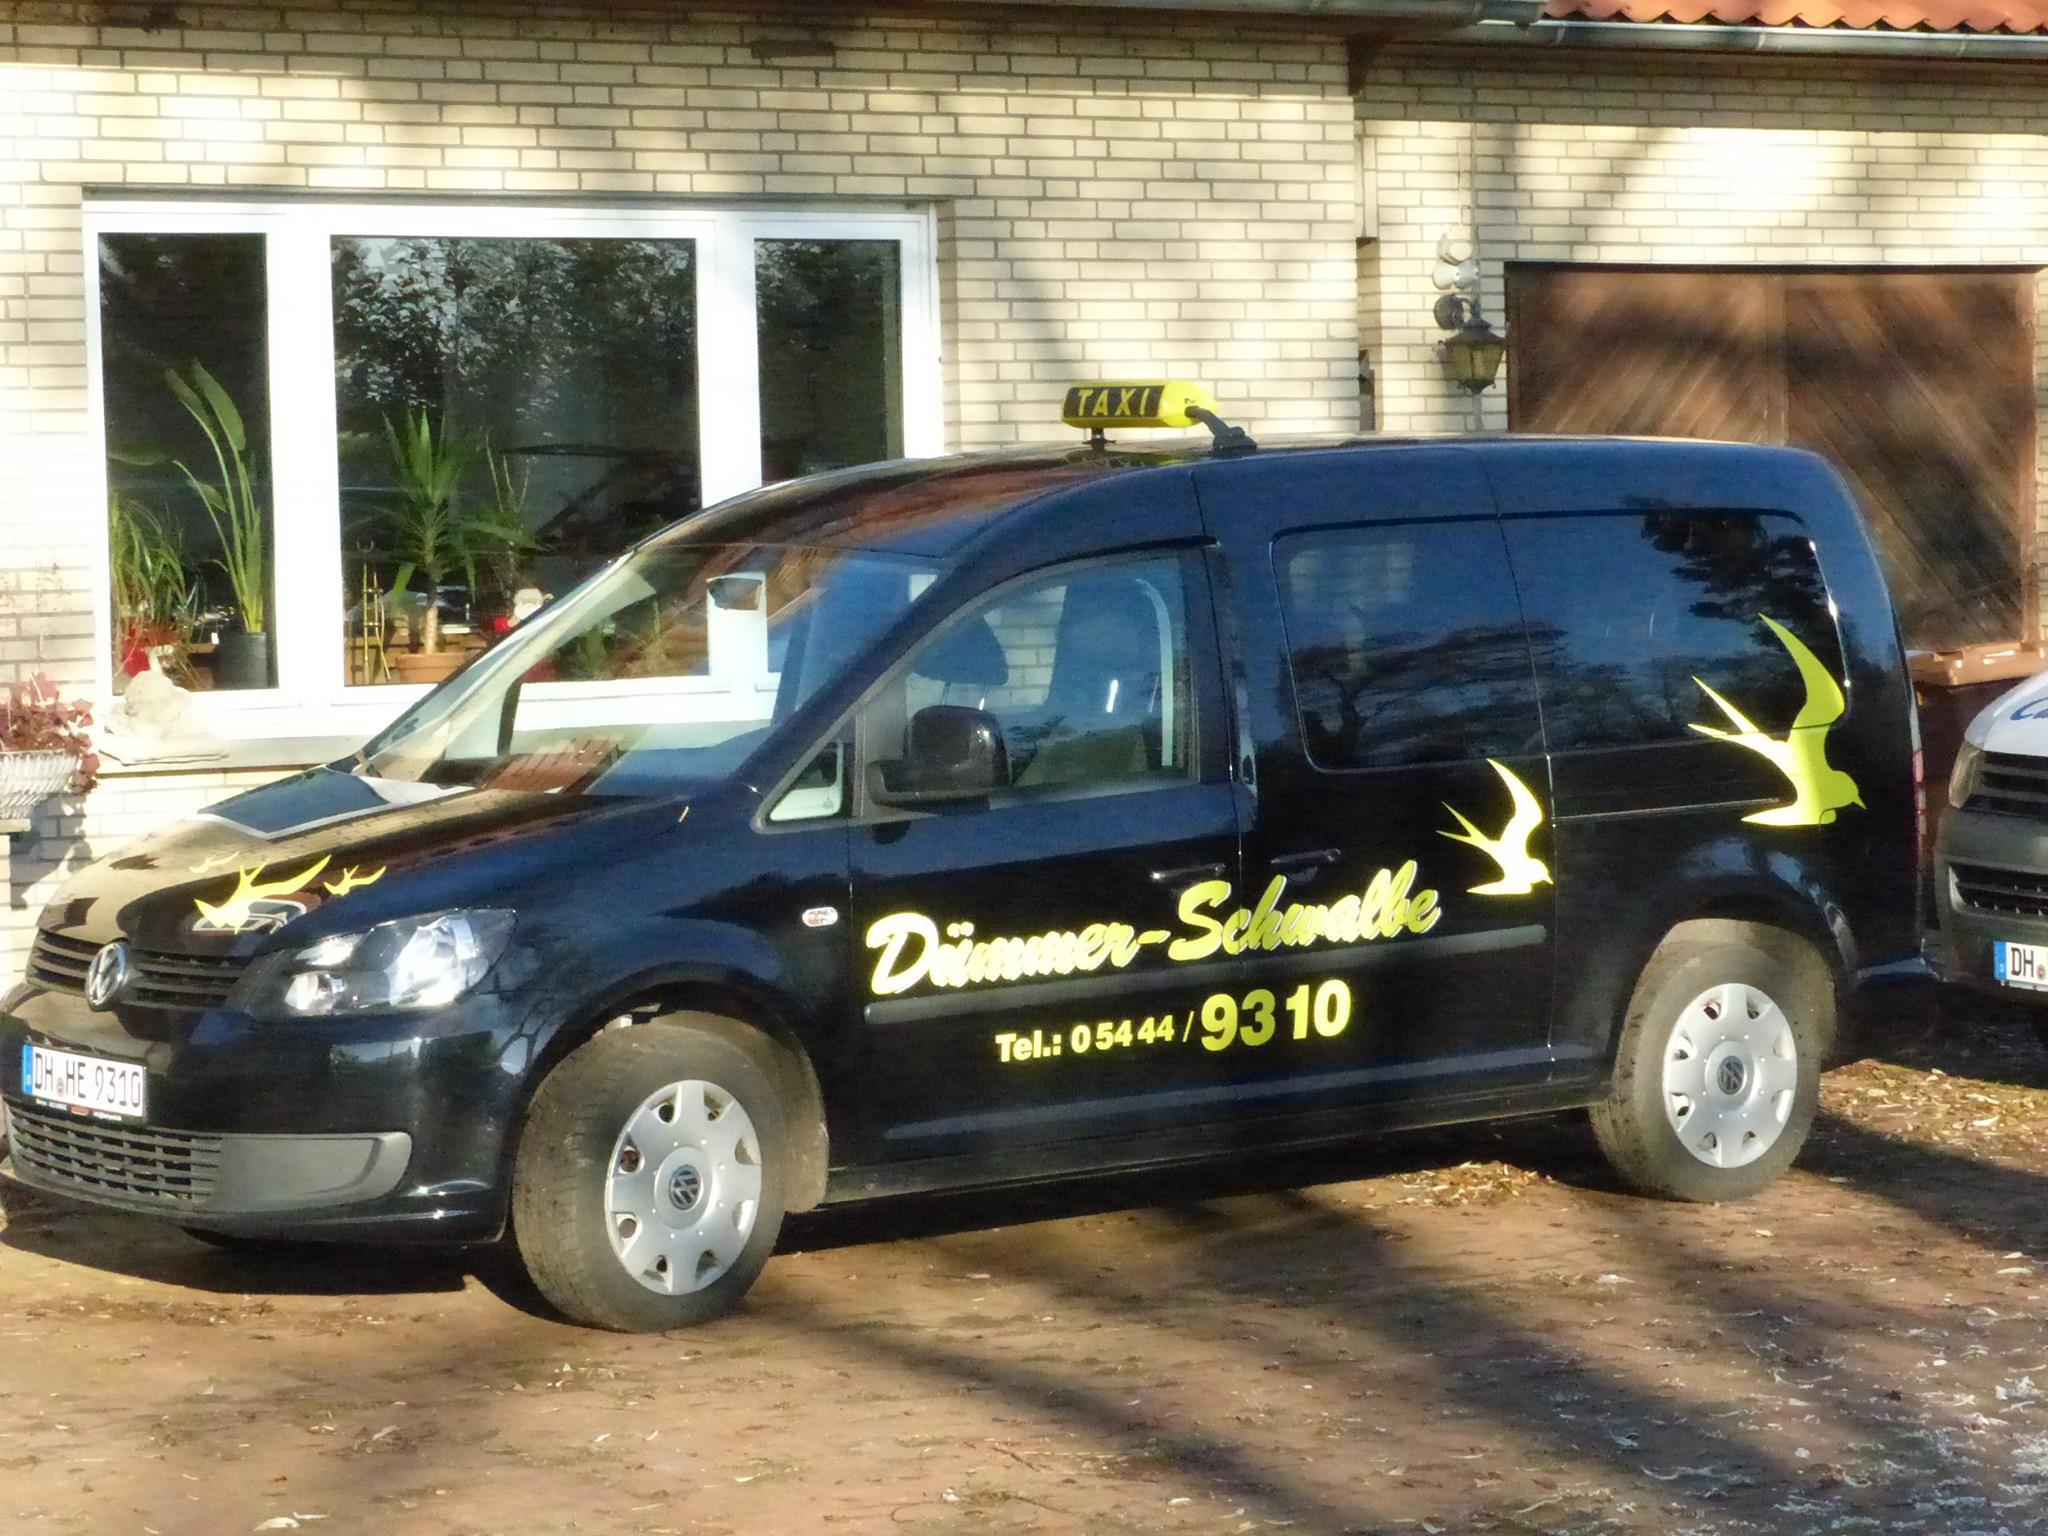 Dümmer-Schwalbe Taxi